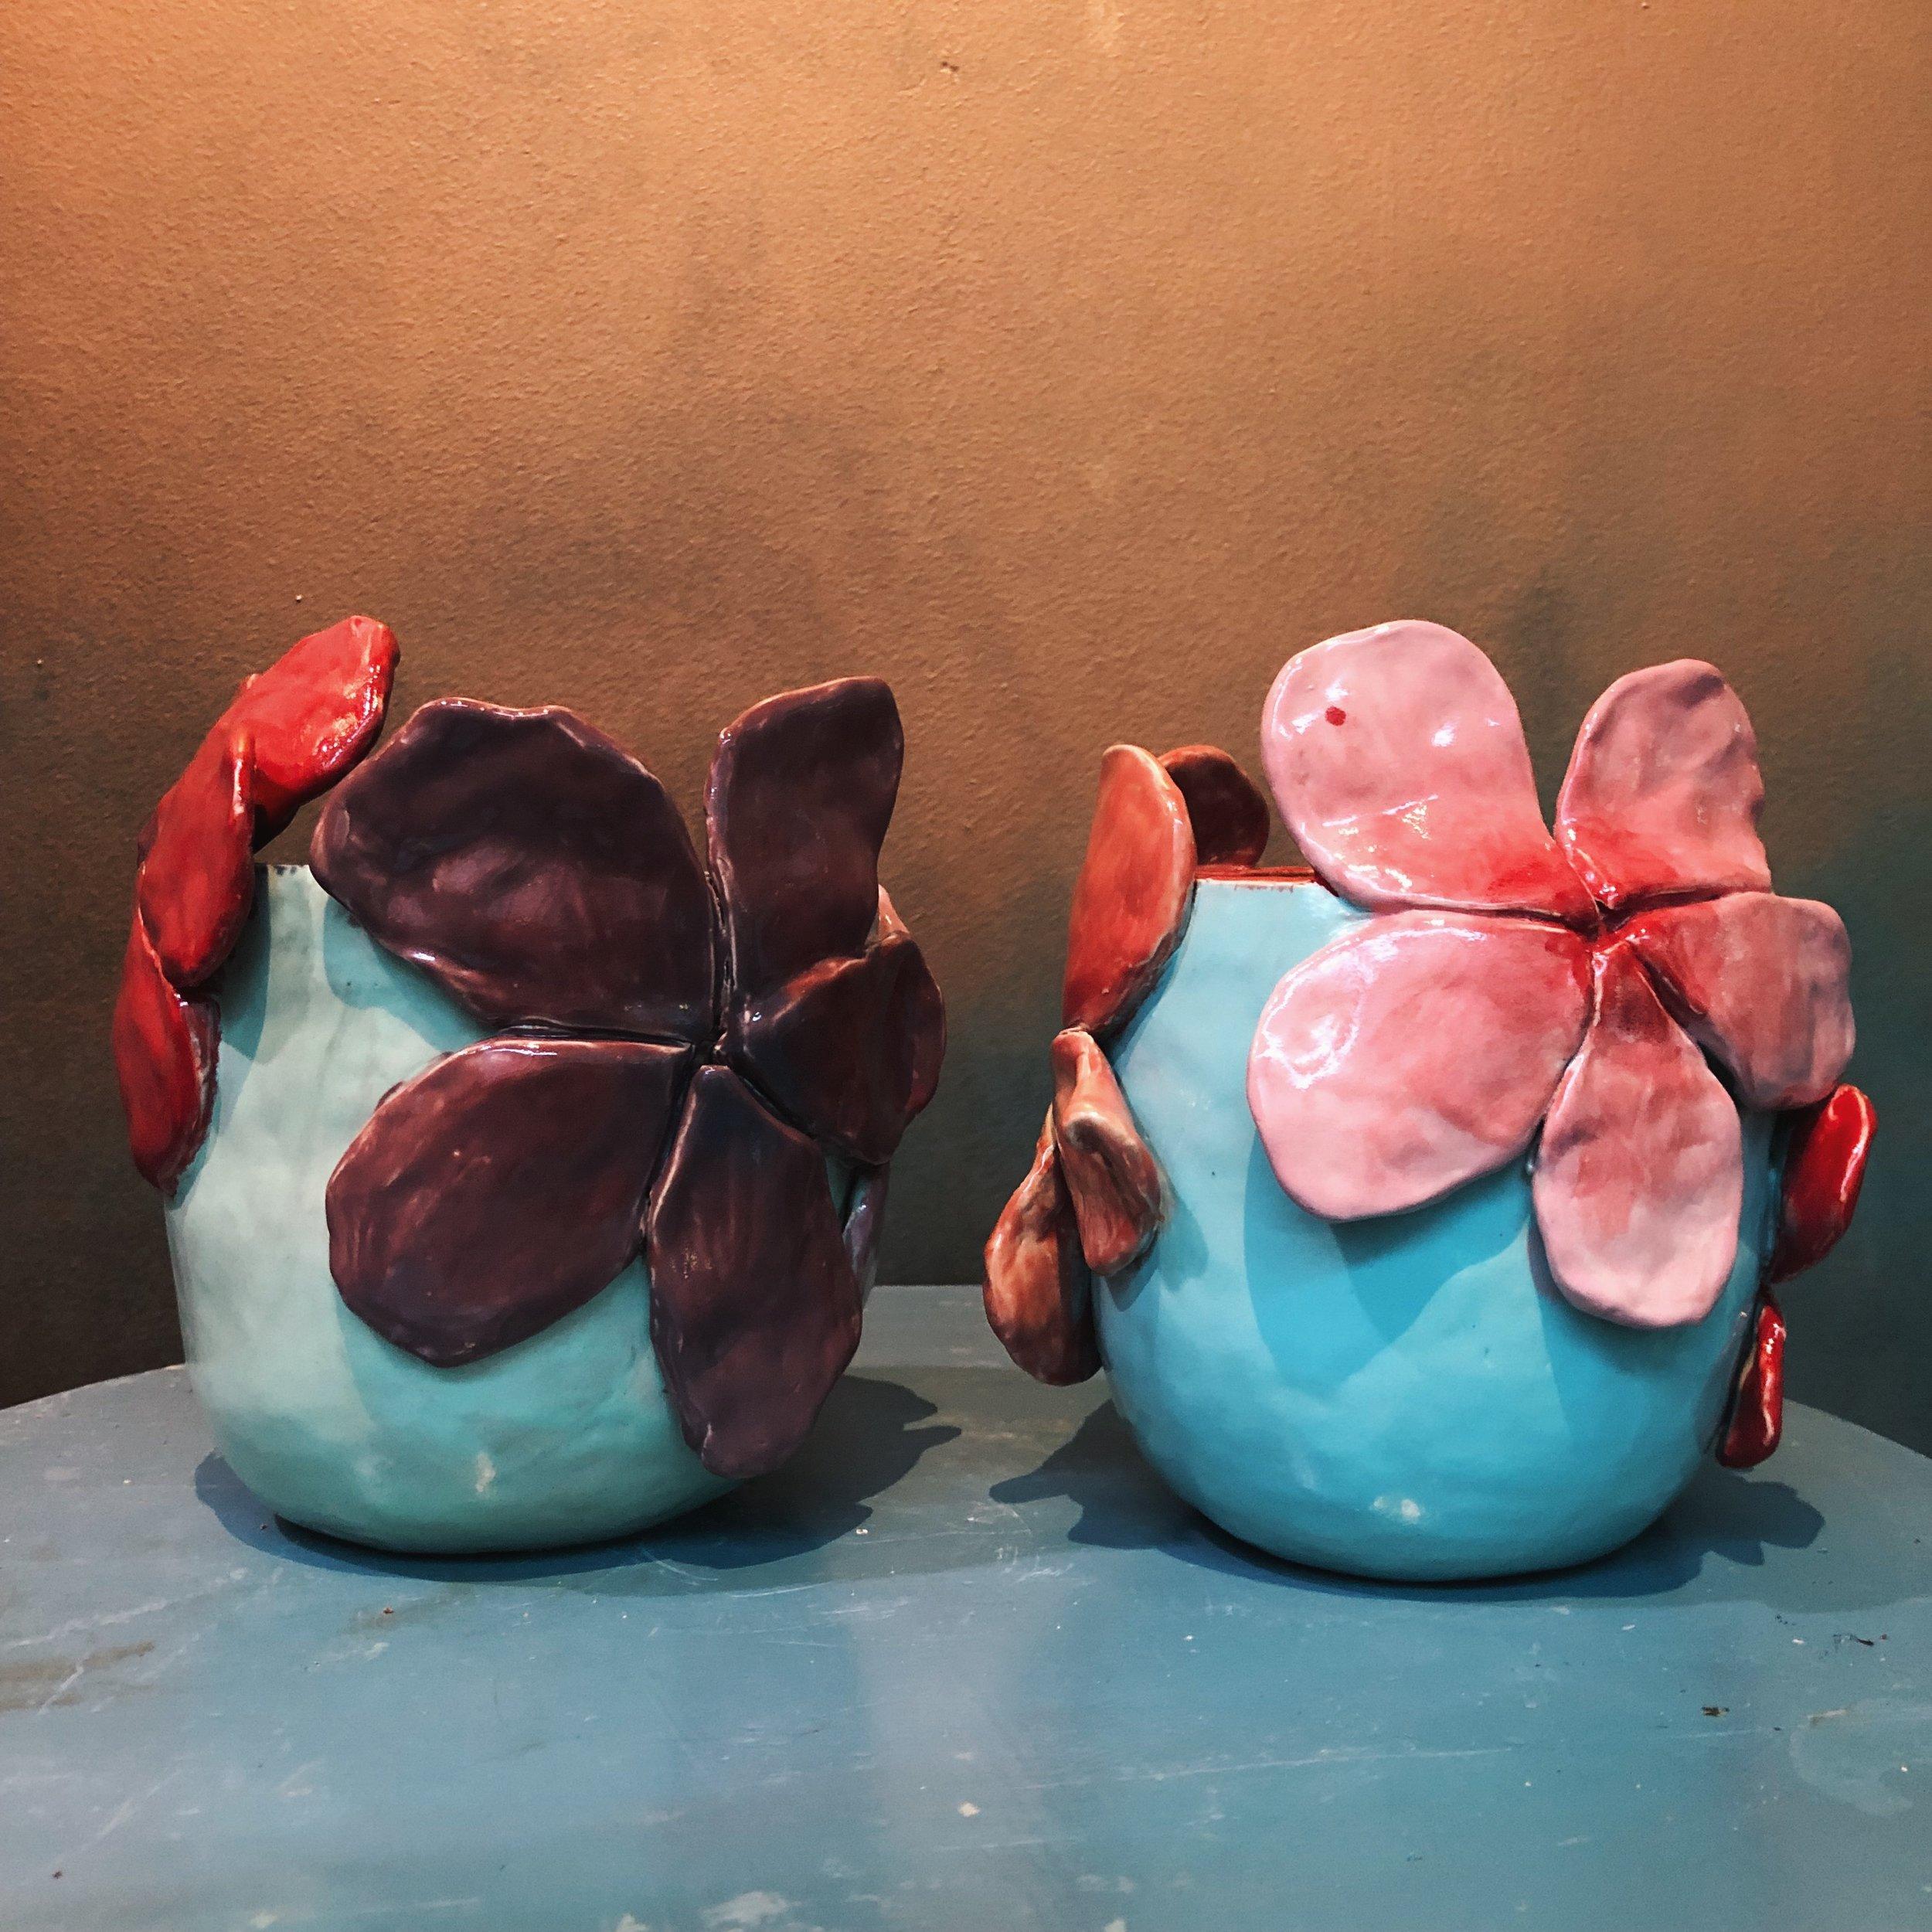 Flowervase2&3.1.JPG